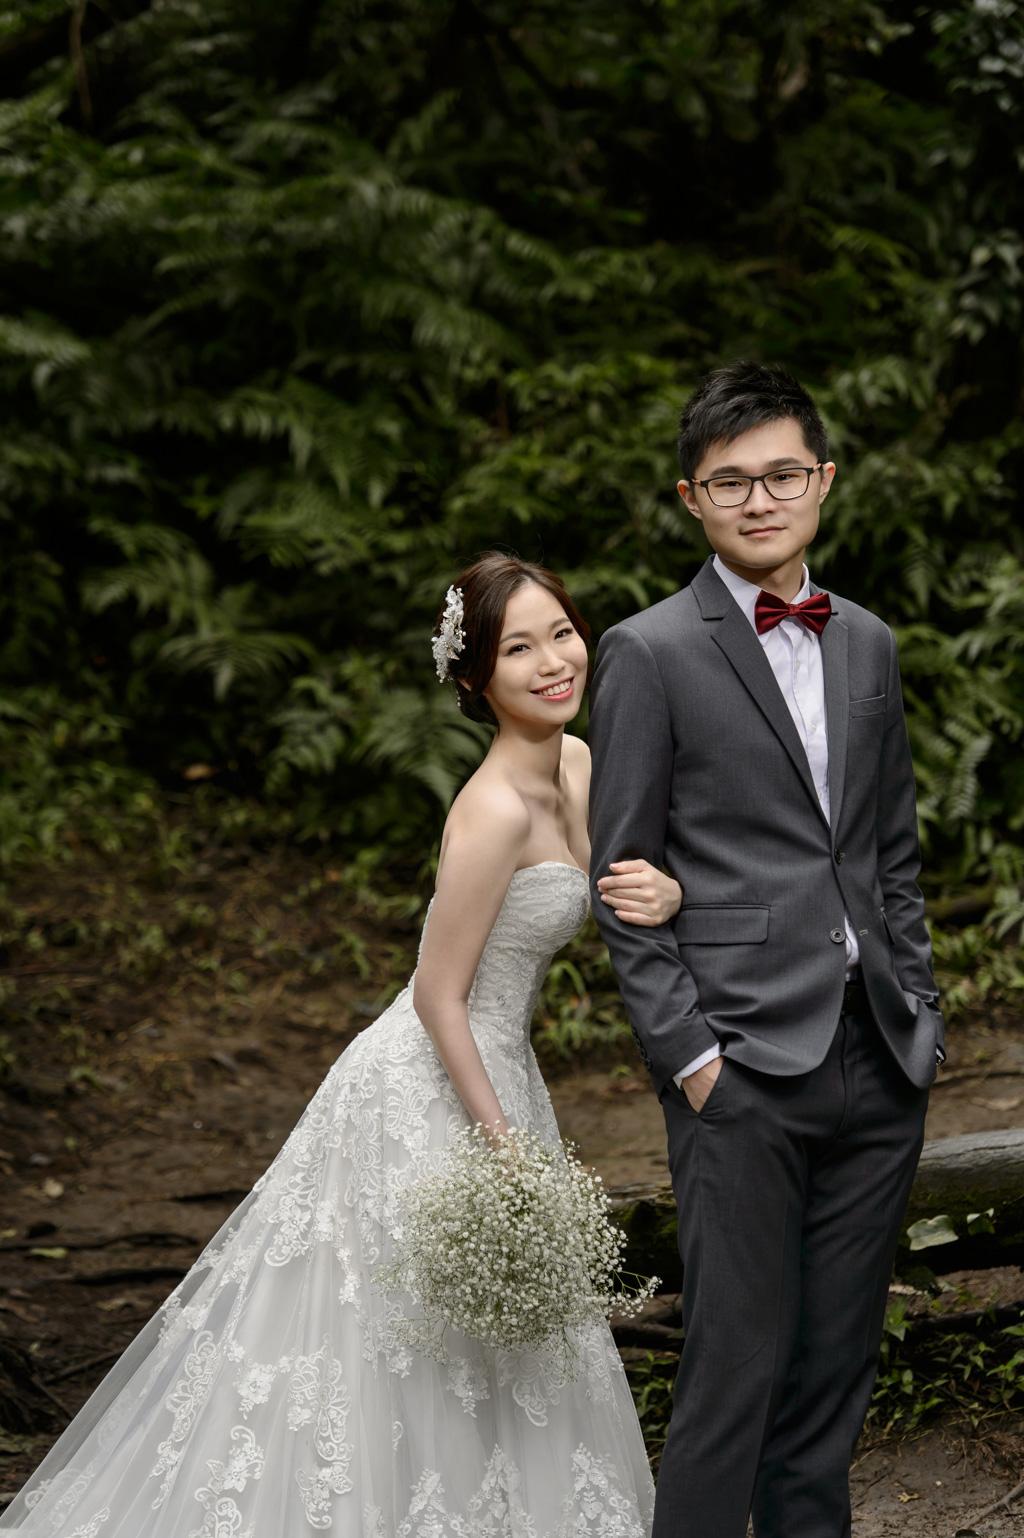 婚攝小勇, 小寶團隊, 藝紋, 自助婚紗, 婚禮紀錄, Cheri,台北婚紗,wedding day-007